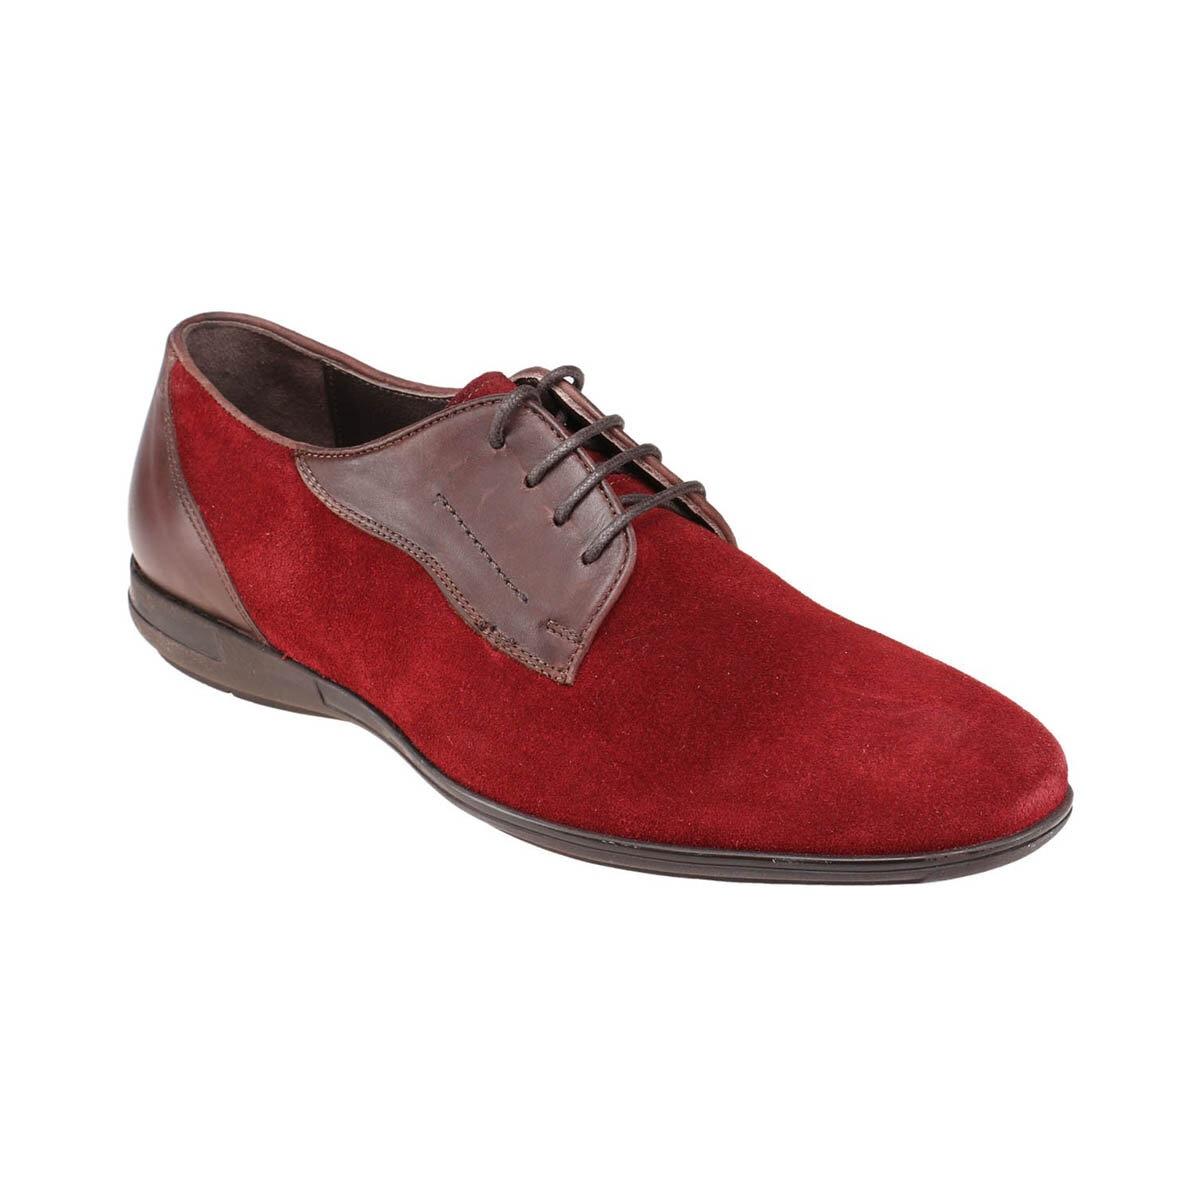 FLO KL-59123-2 M 1506 ブルゴーニュ男性の古典的な靴 JJ-Stiller